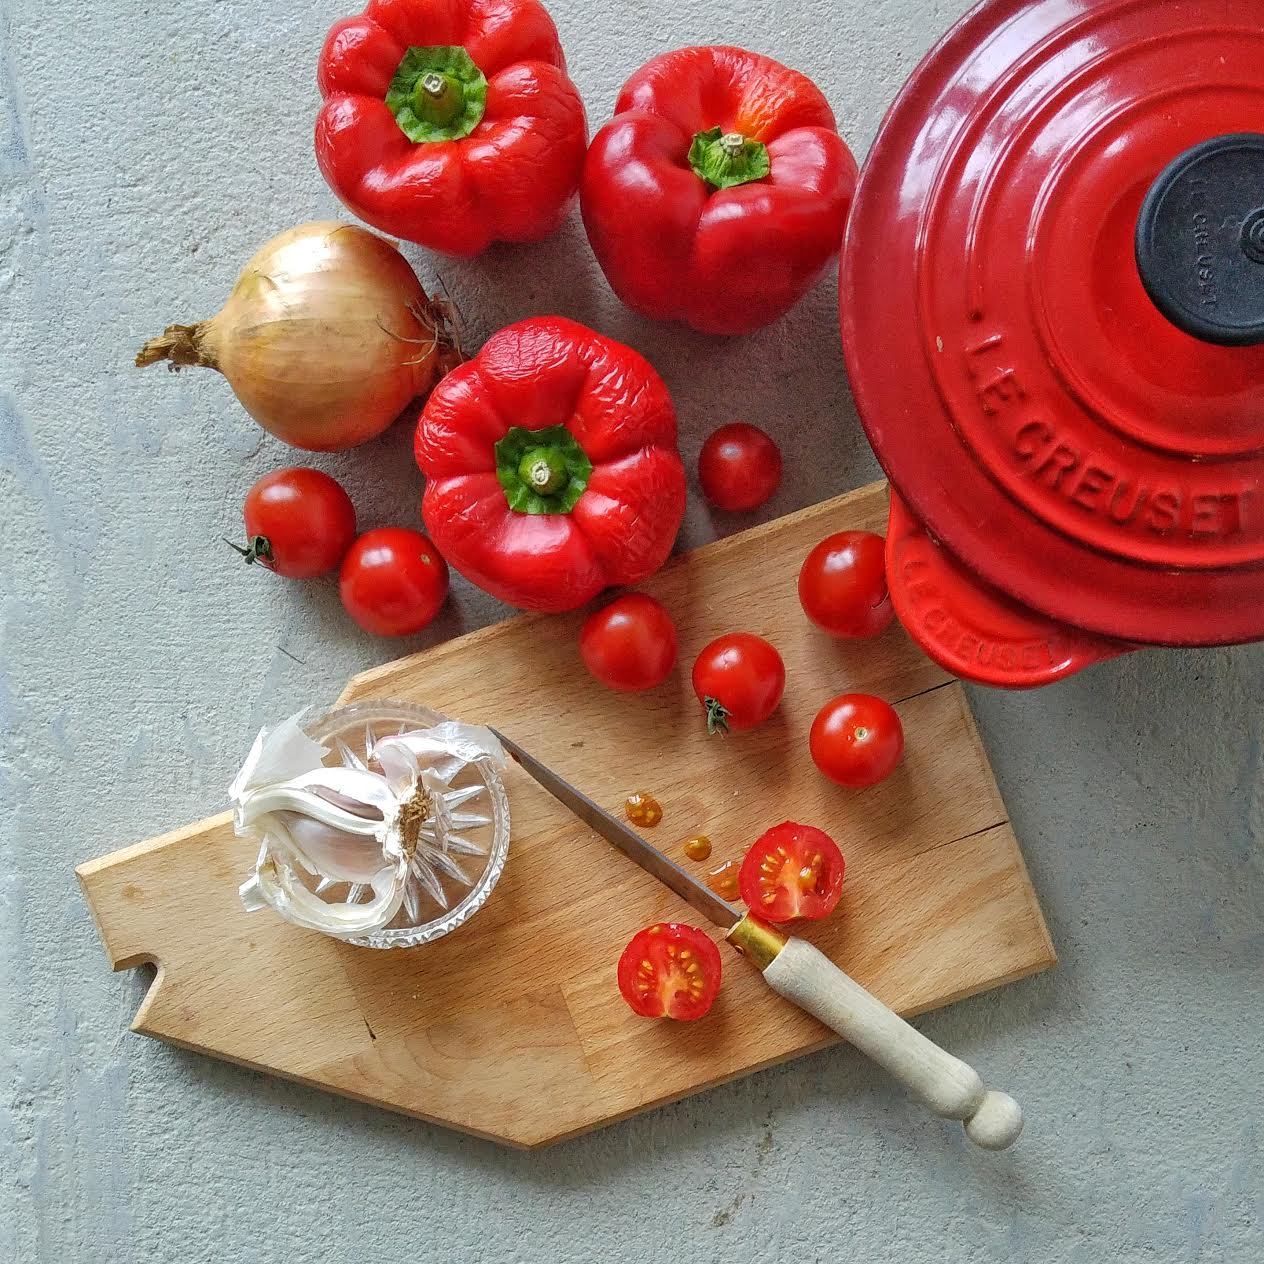 Paprika over? Maak een snelle simpele soep van je weggooigroente! Binnen 20 minuten klaar! Eet meer groente, verminder voedselverspilling en bespaar geld :-)